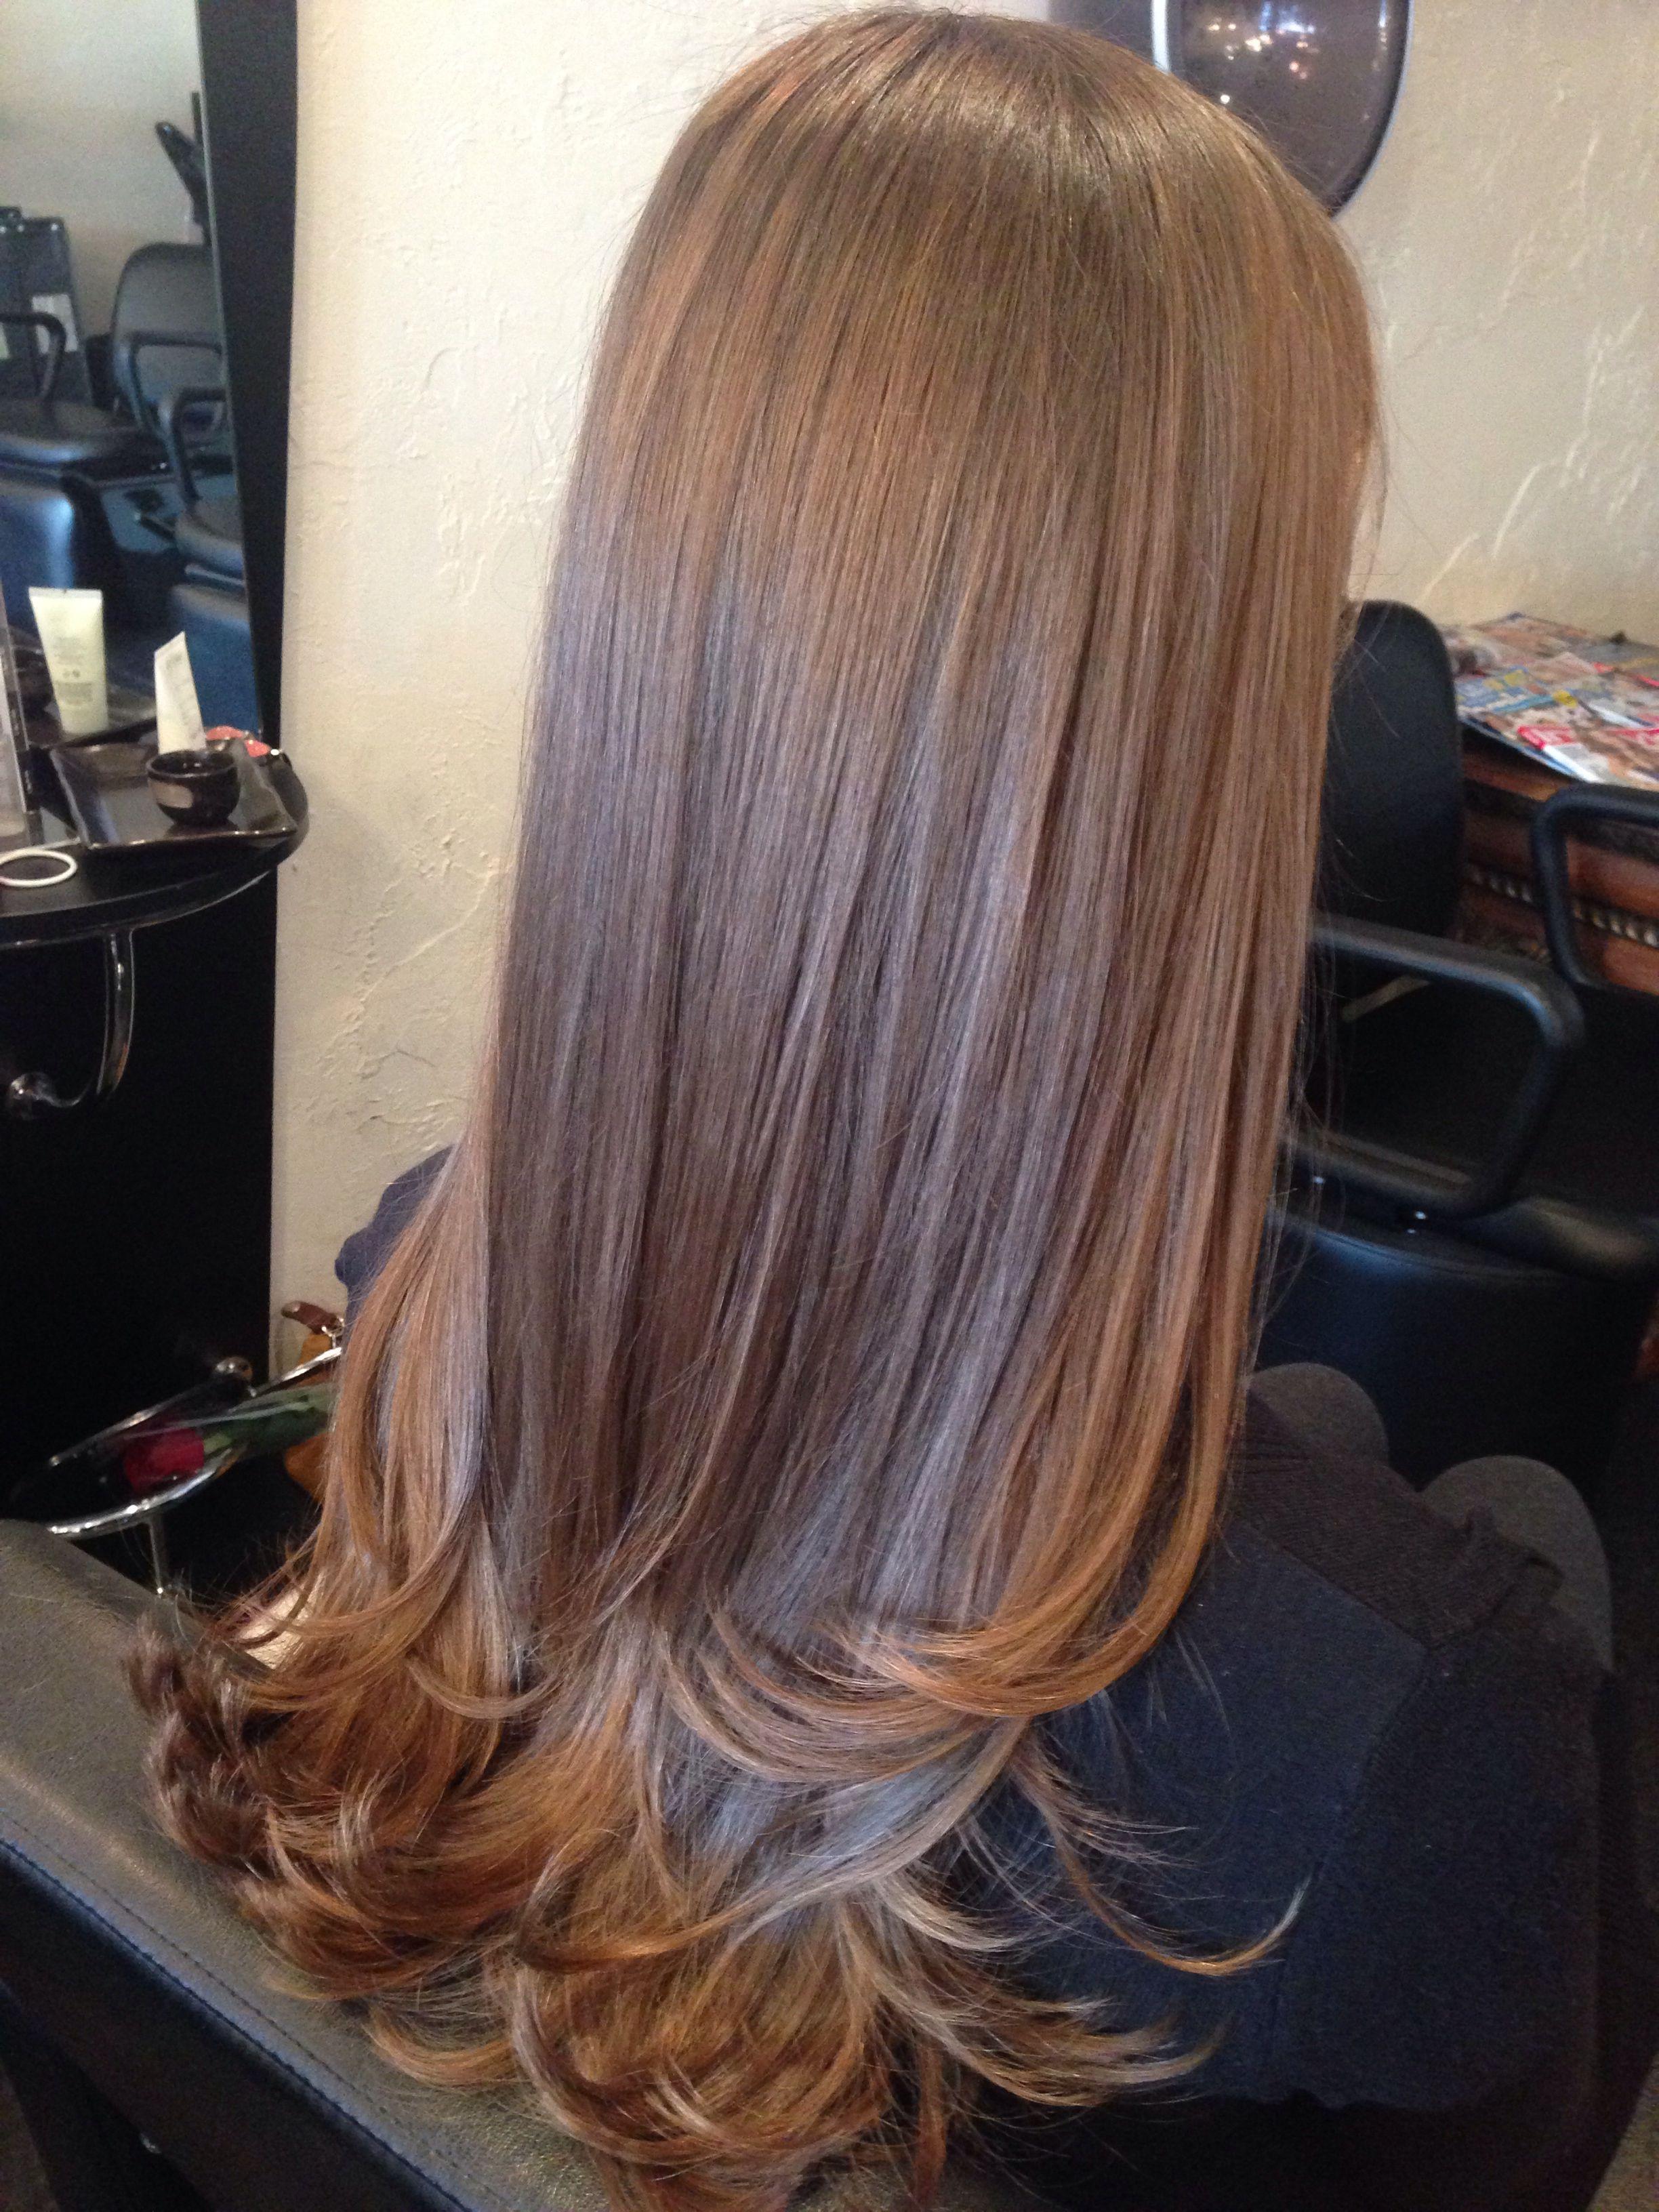 Long shiny hair. Hair by Jayma Long shiny hair, Shiny